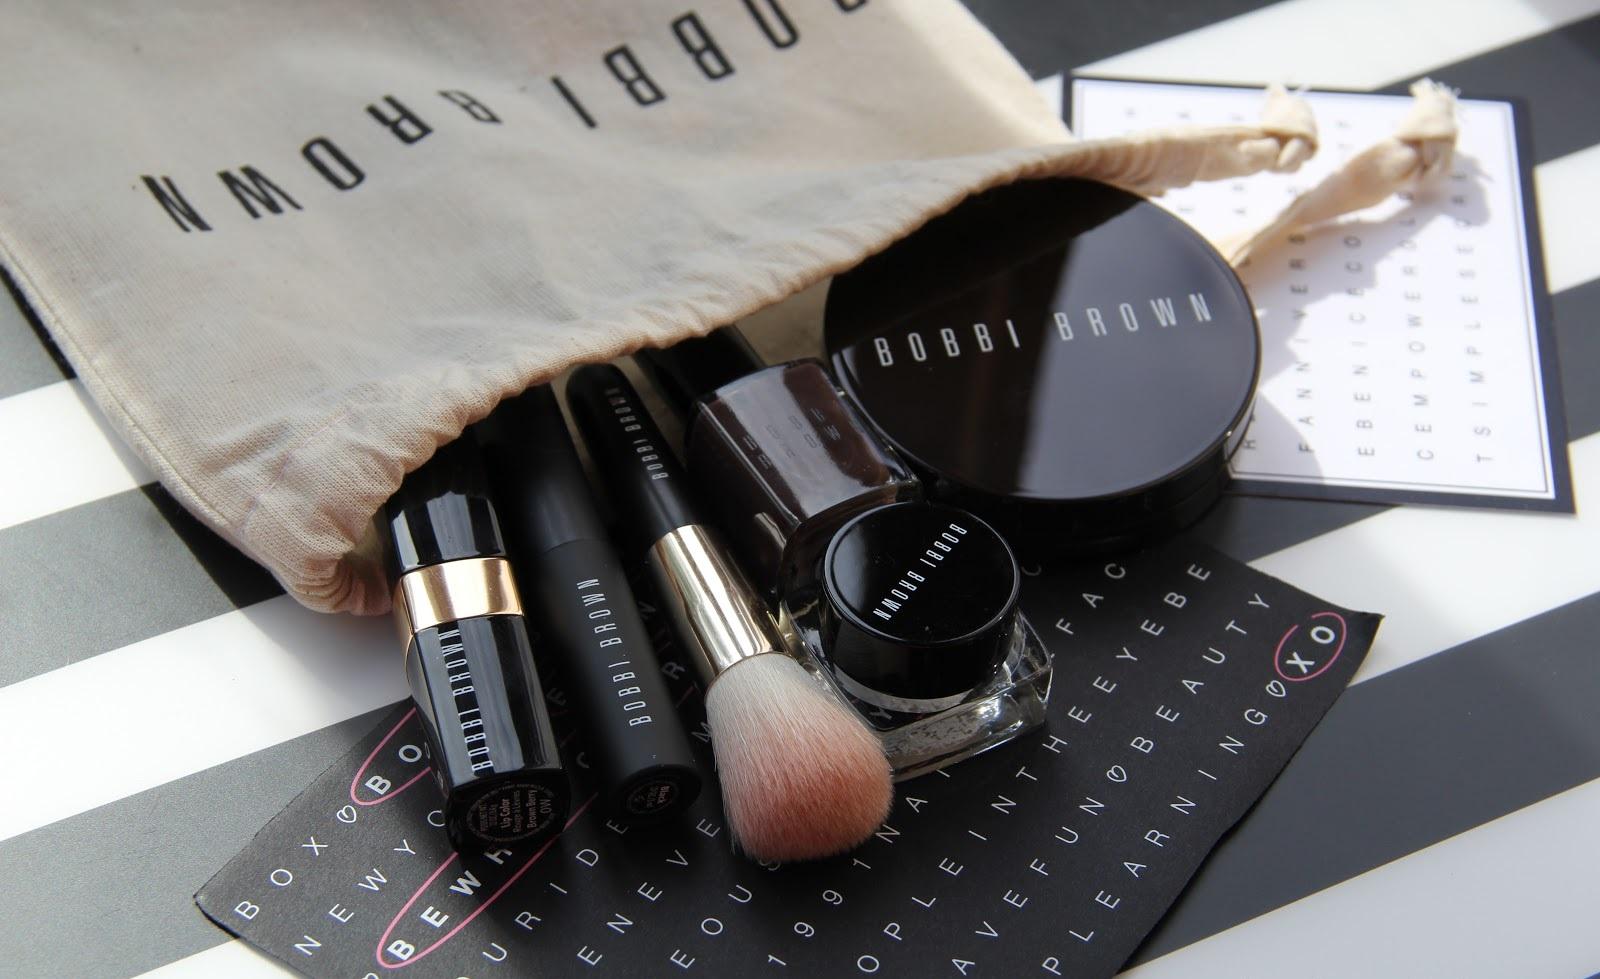 купить косметику бобби браун в украине